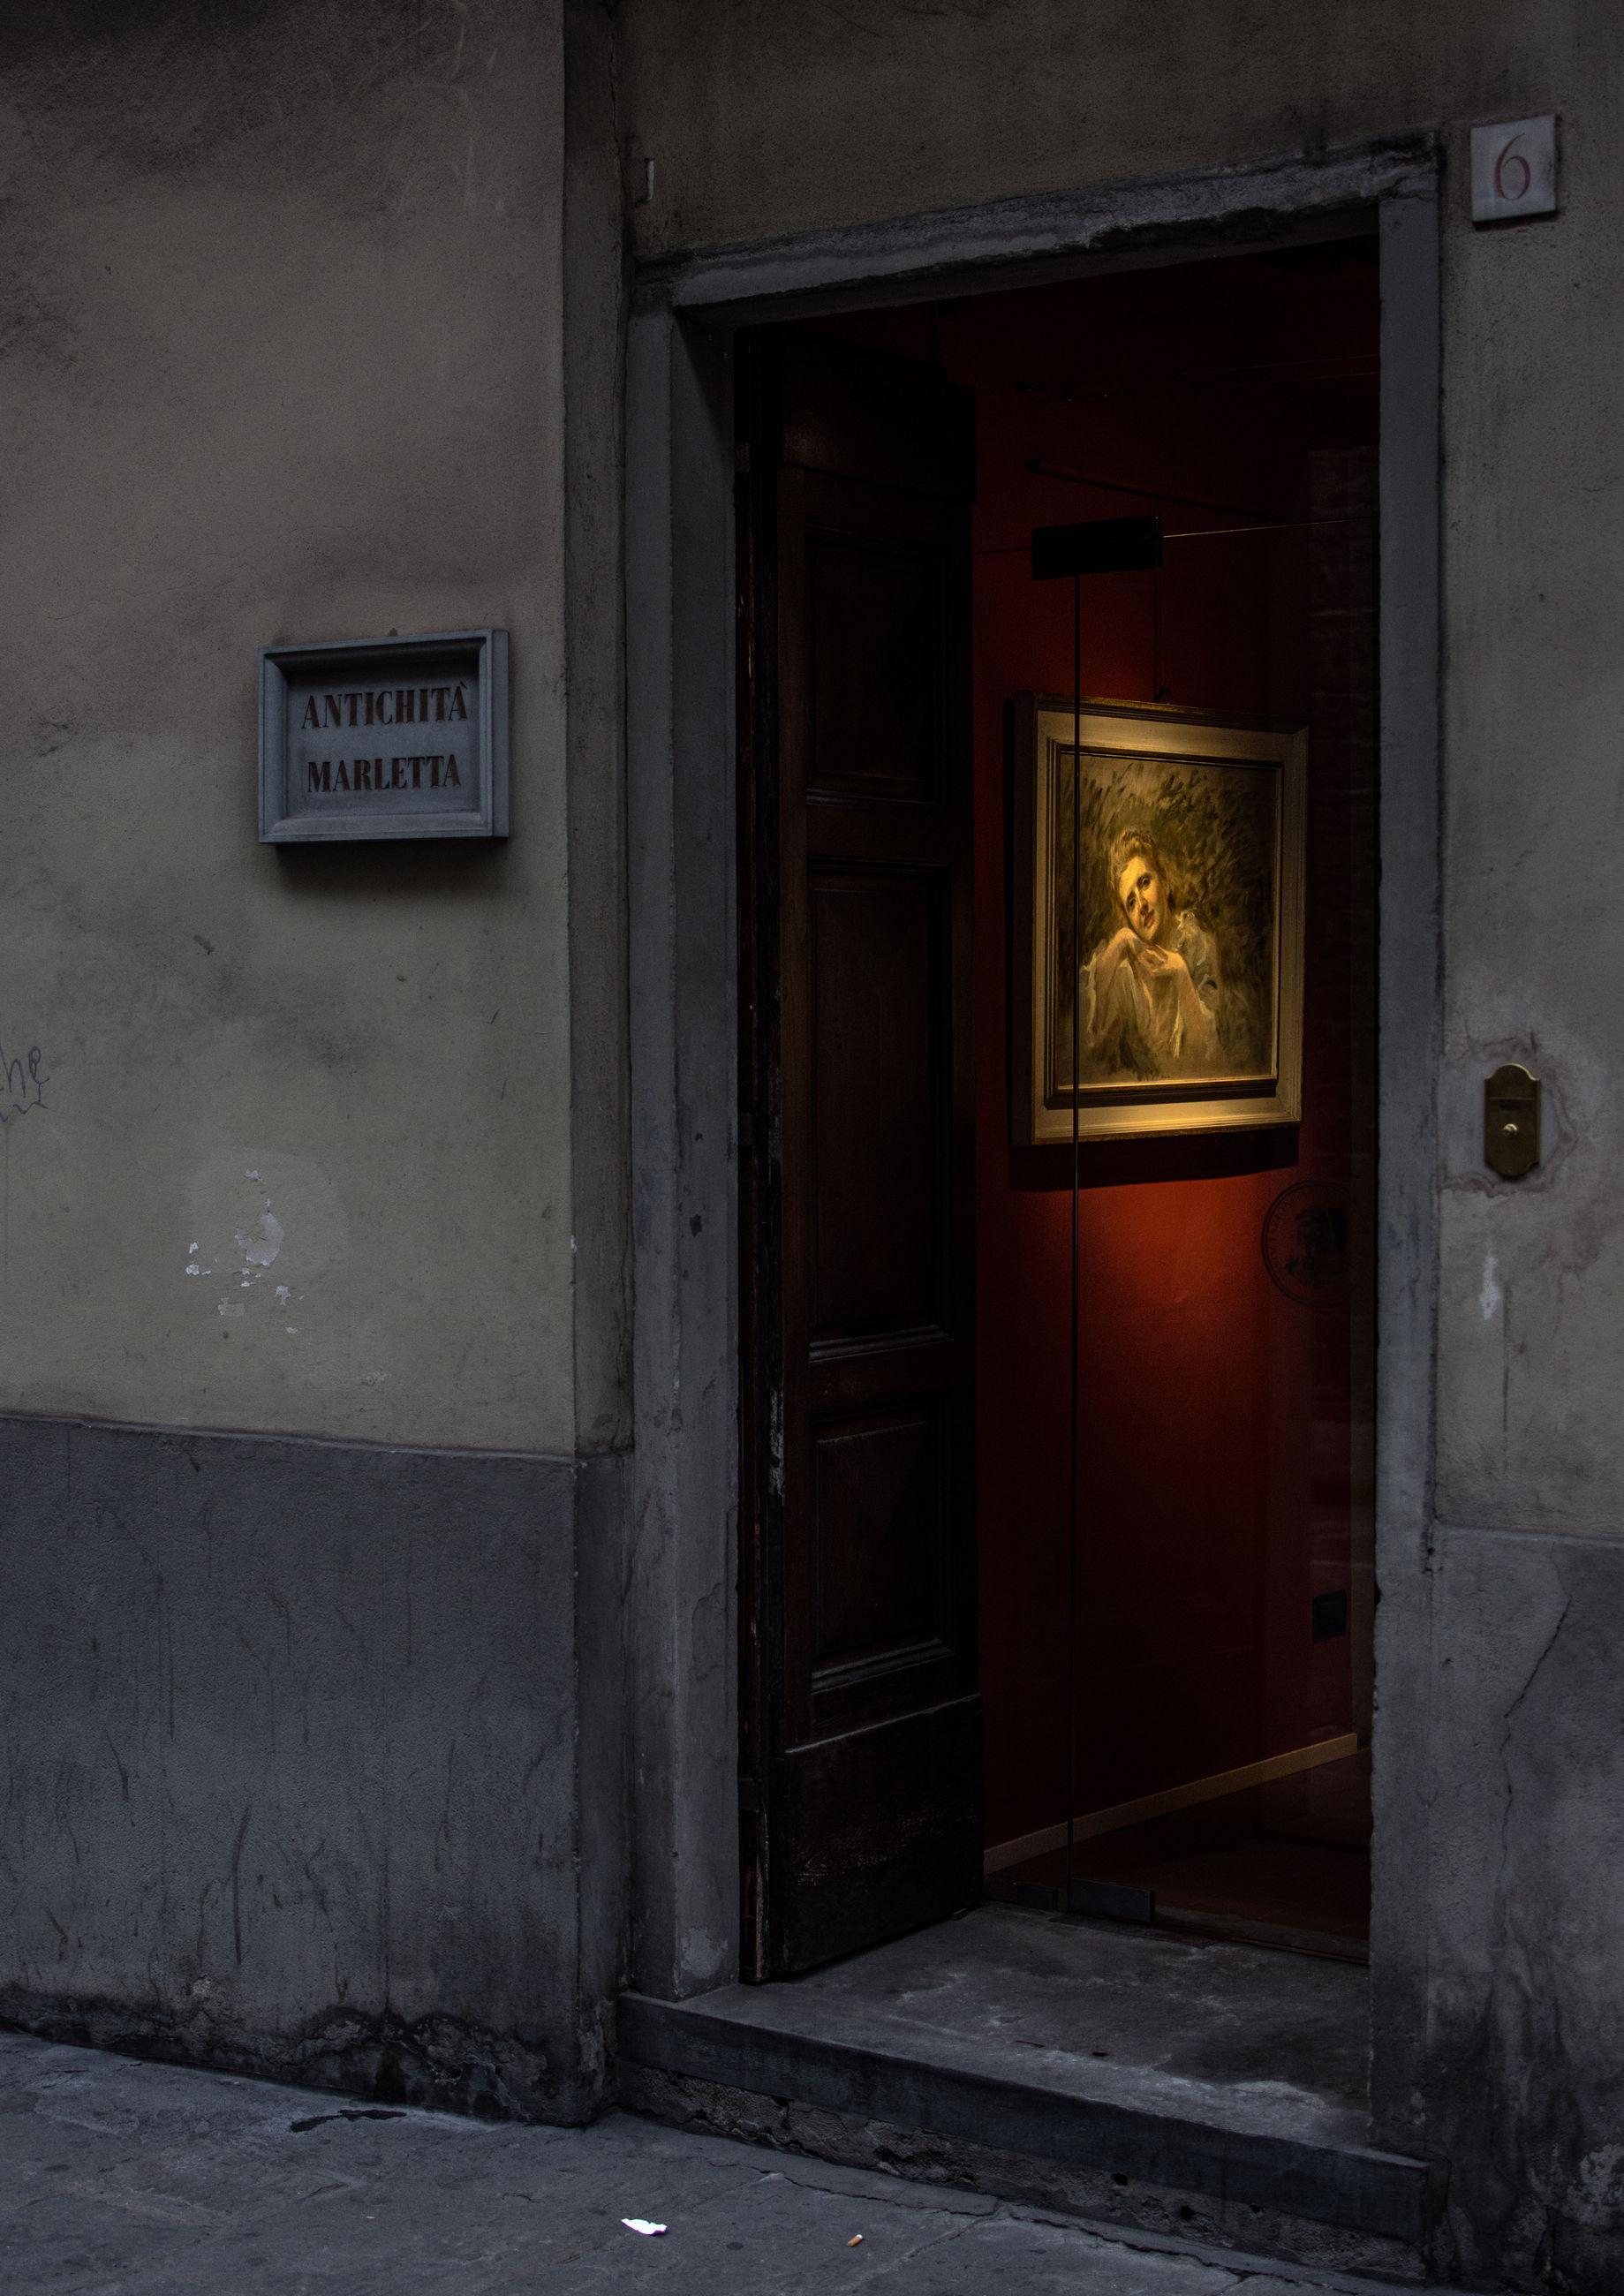 door, entrance, doorway, closed, built structure, entryway, no people, open door, indoors, architecture, exit sign, day, ajar